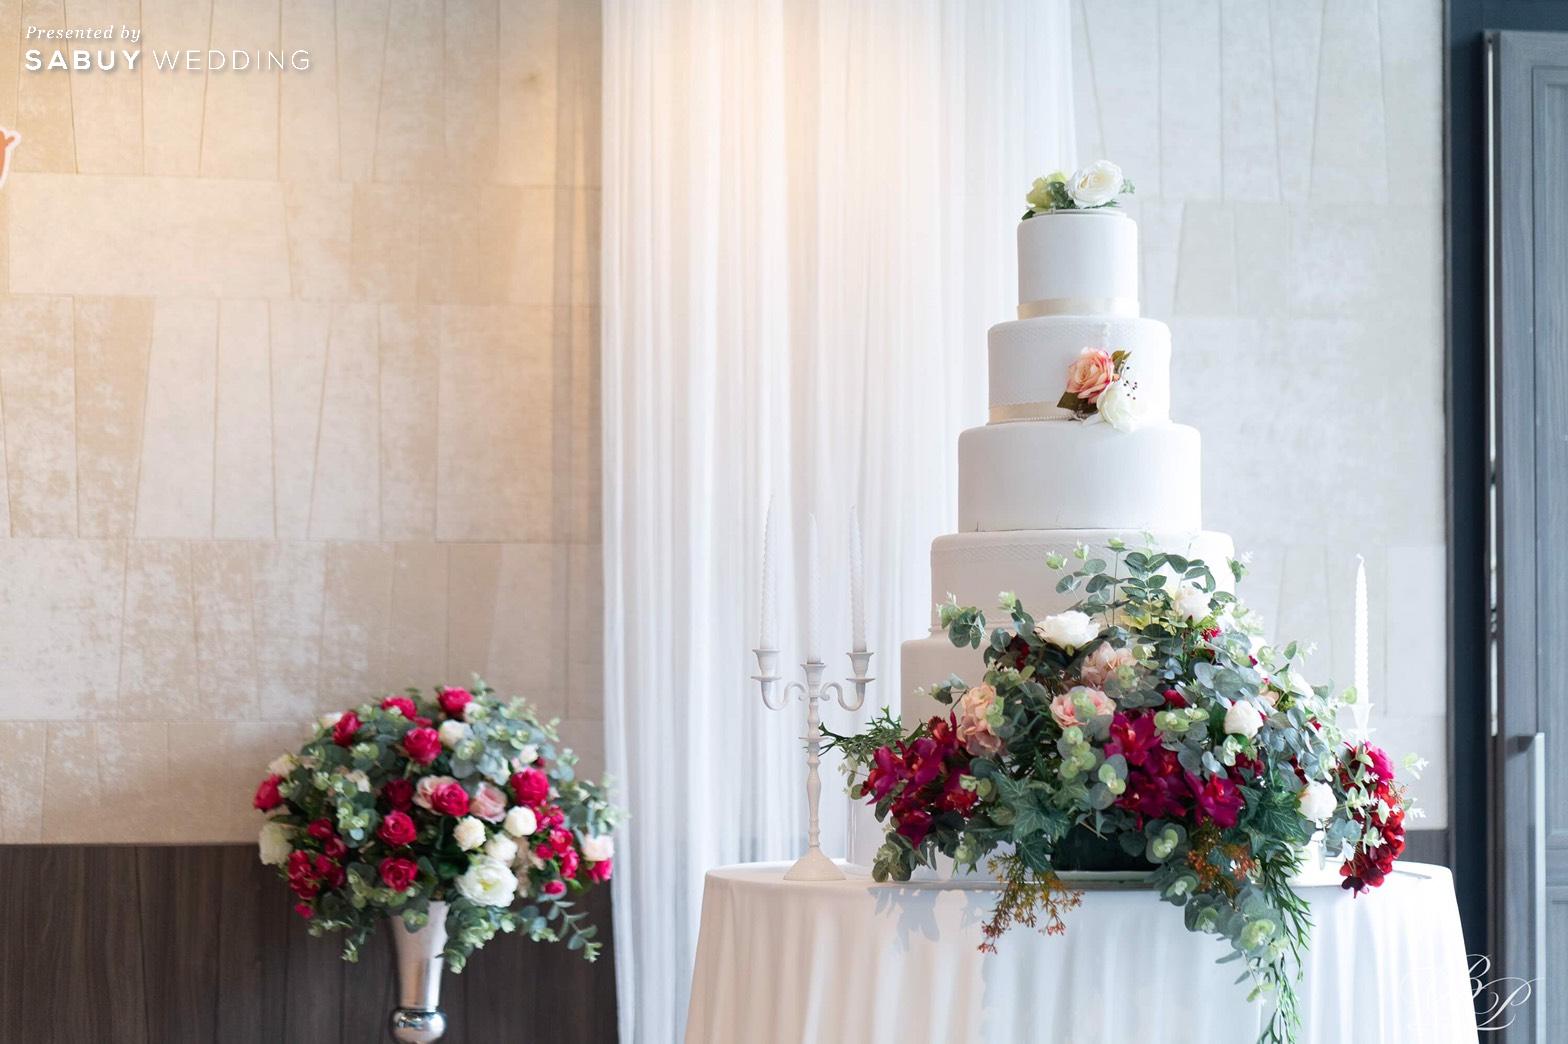 เค้กแต่งงาน รีวิวงานแต่ง Backdrop สวนสวย ด้วยห้องจัดเลี้ยงแสงธรรมชาติ @ Bliston Suwan Park View Hotel